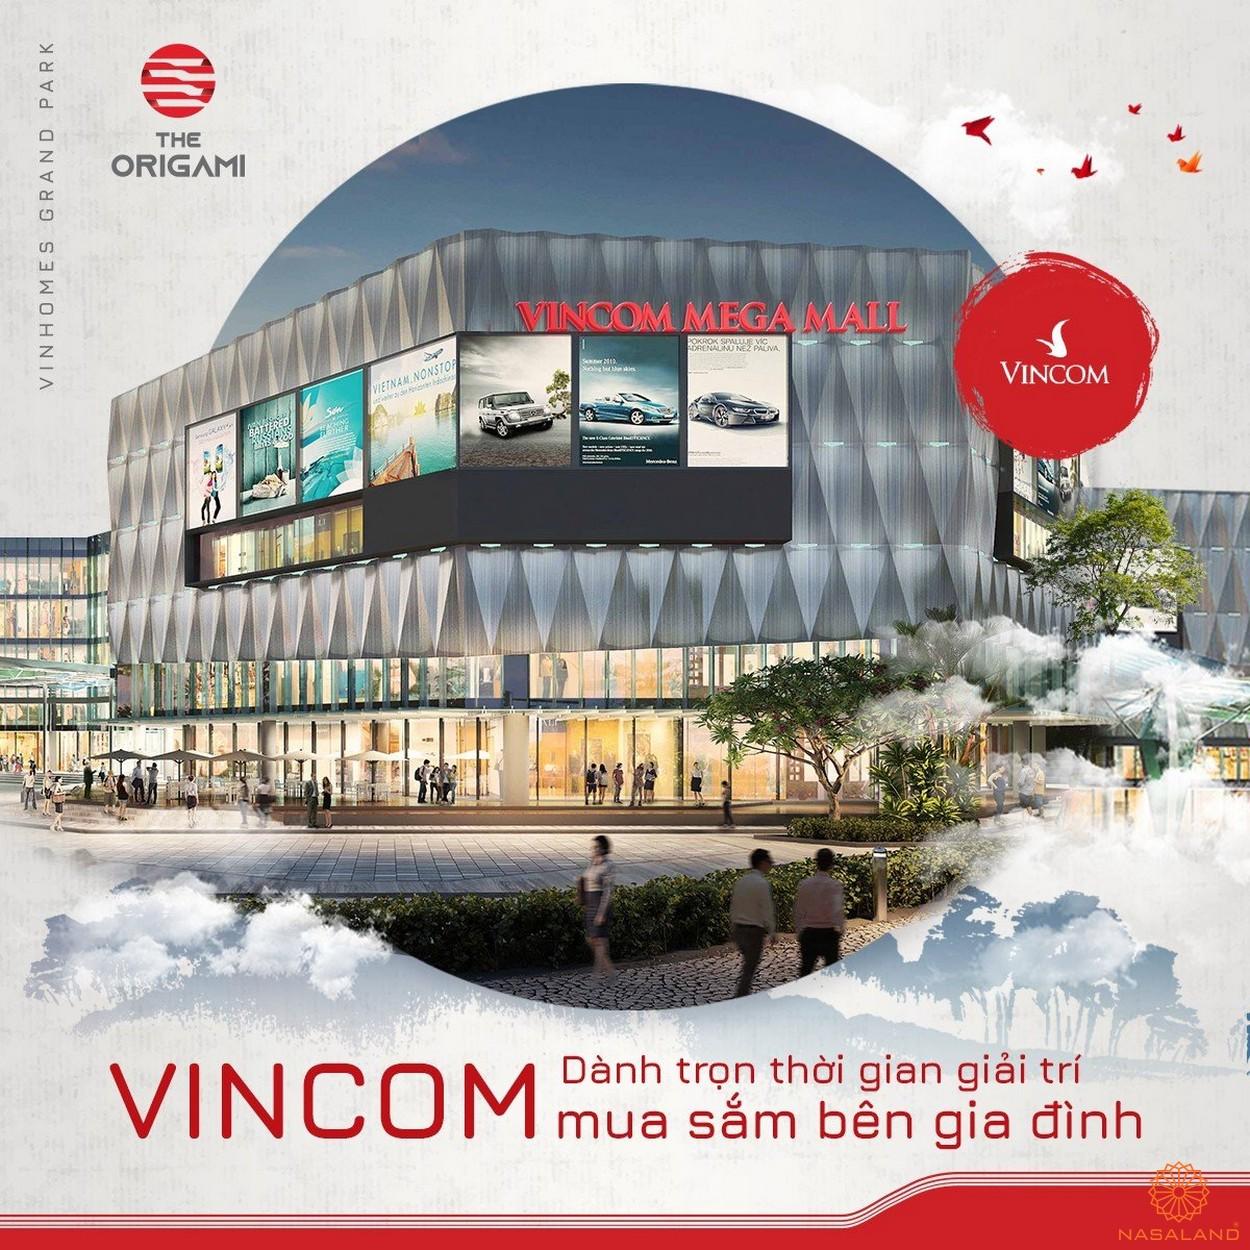 Phối cảnh tiện ích TTTM Vincom Mega Mall Vinhomes quận 9